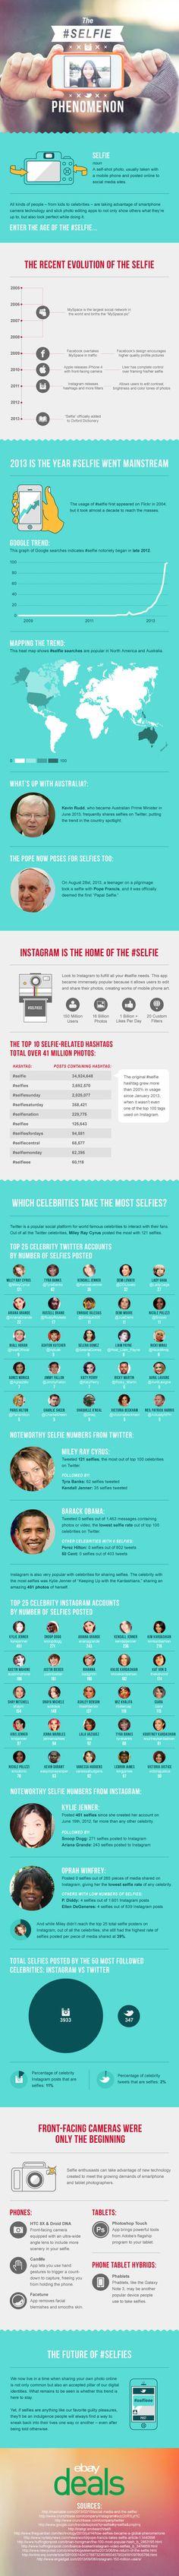 De geschiedenis van de #selfie [infographic] | Twittermania #zien en gezien worden